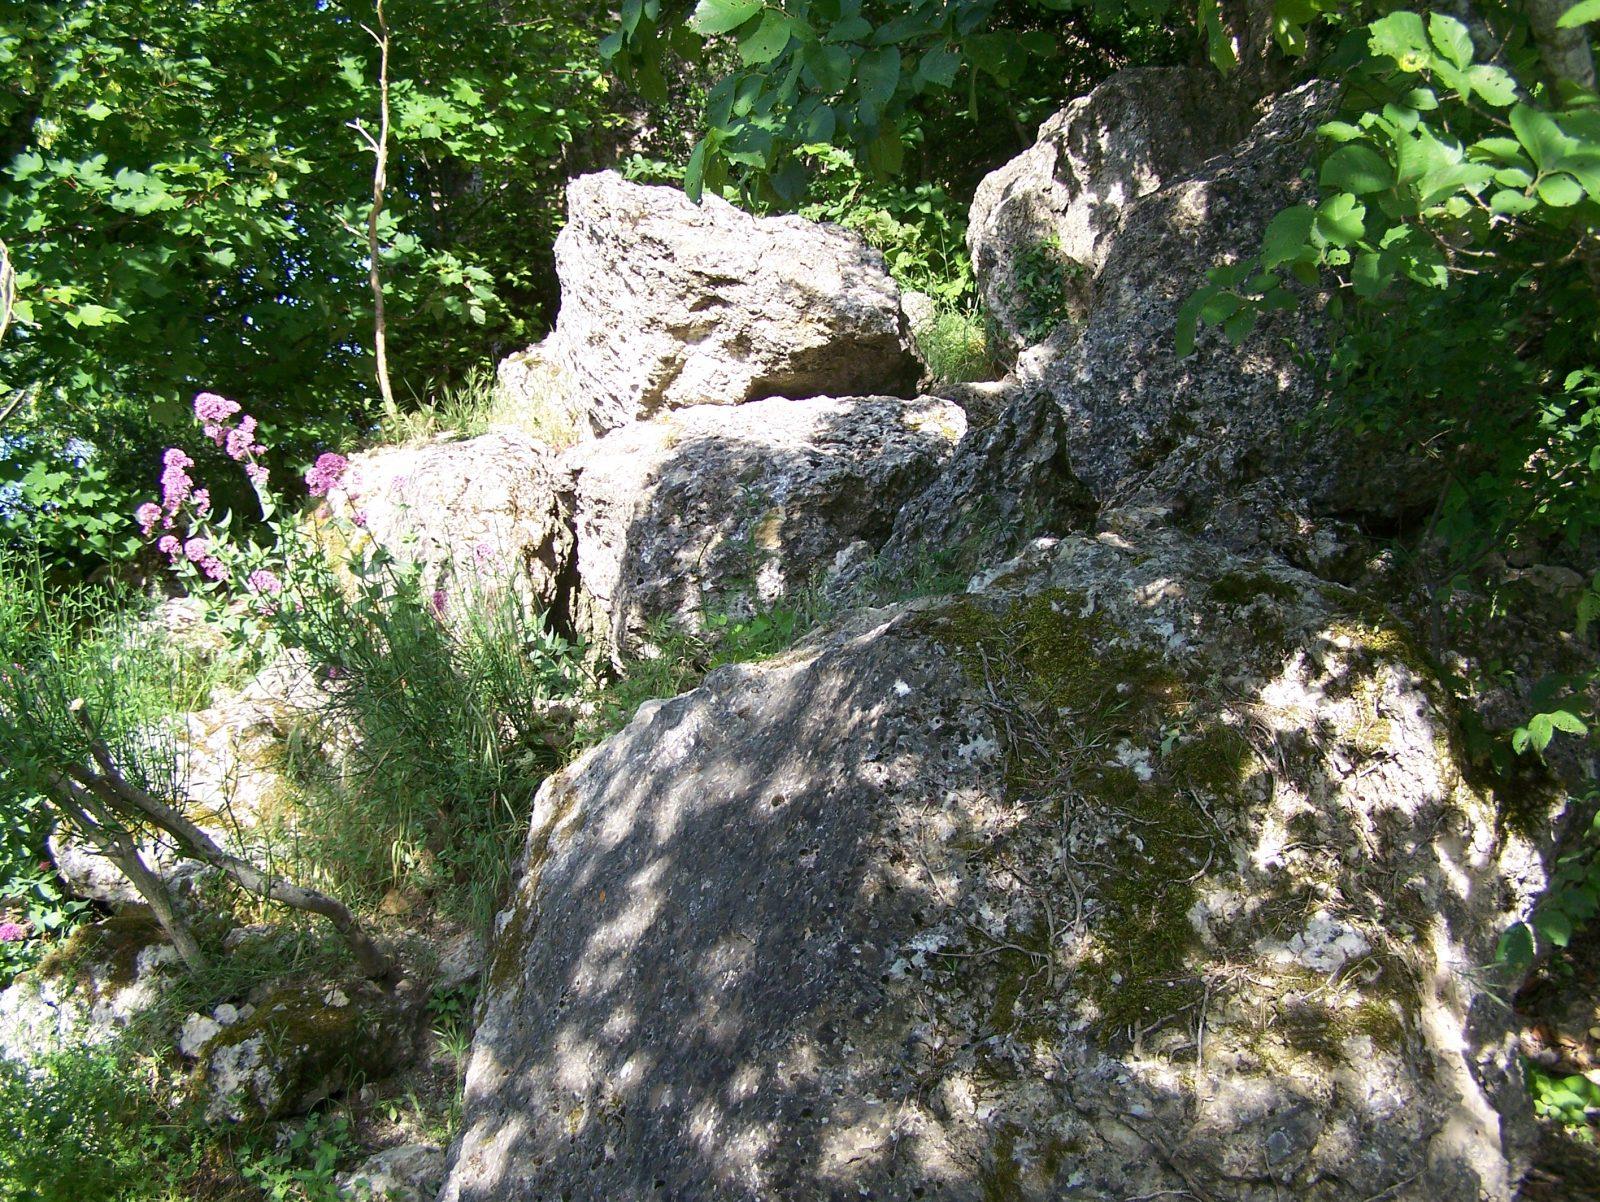 Sentier botanique de la Salette